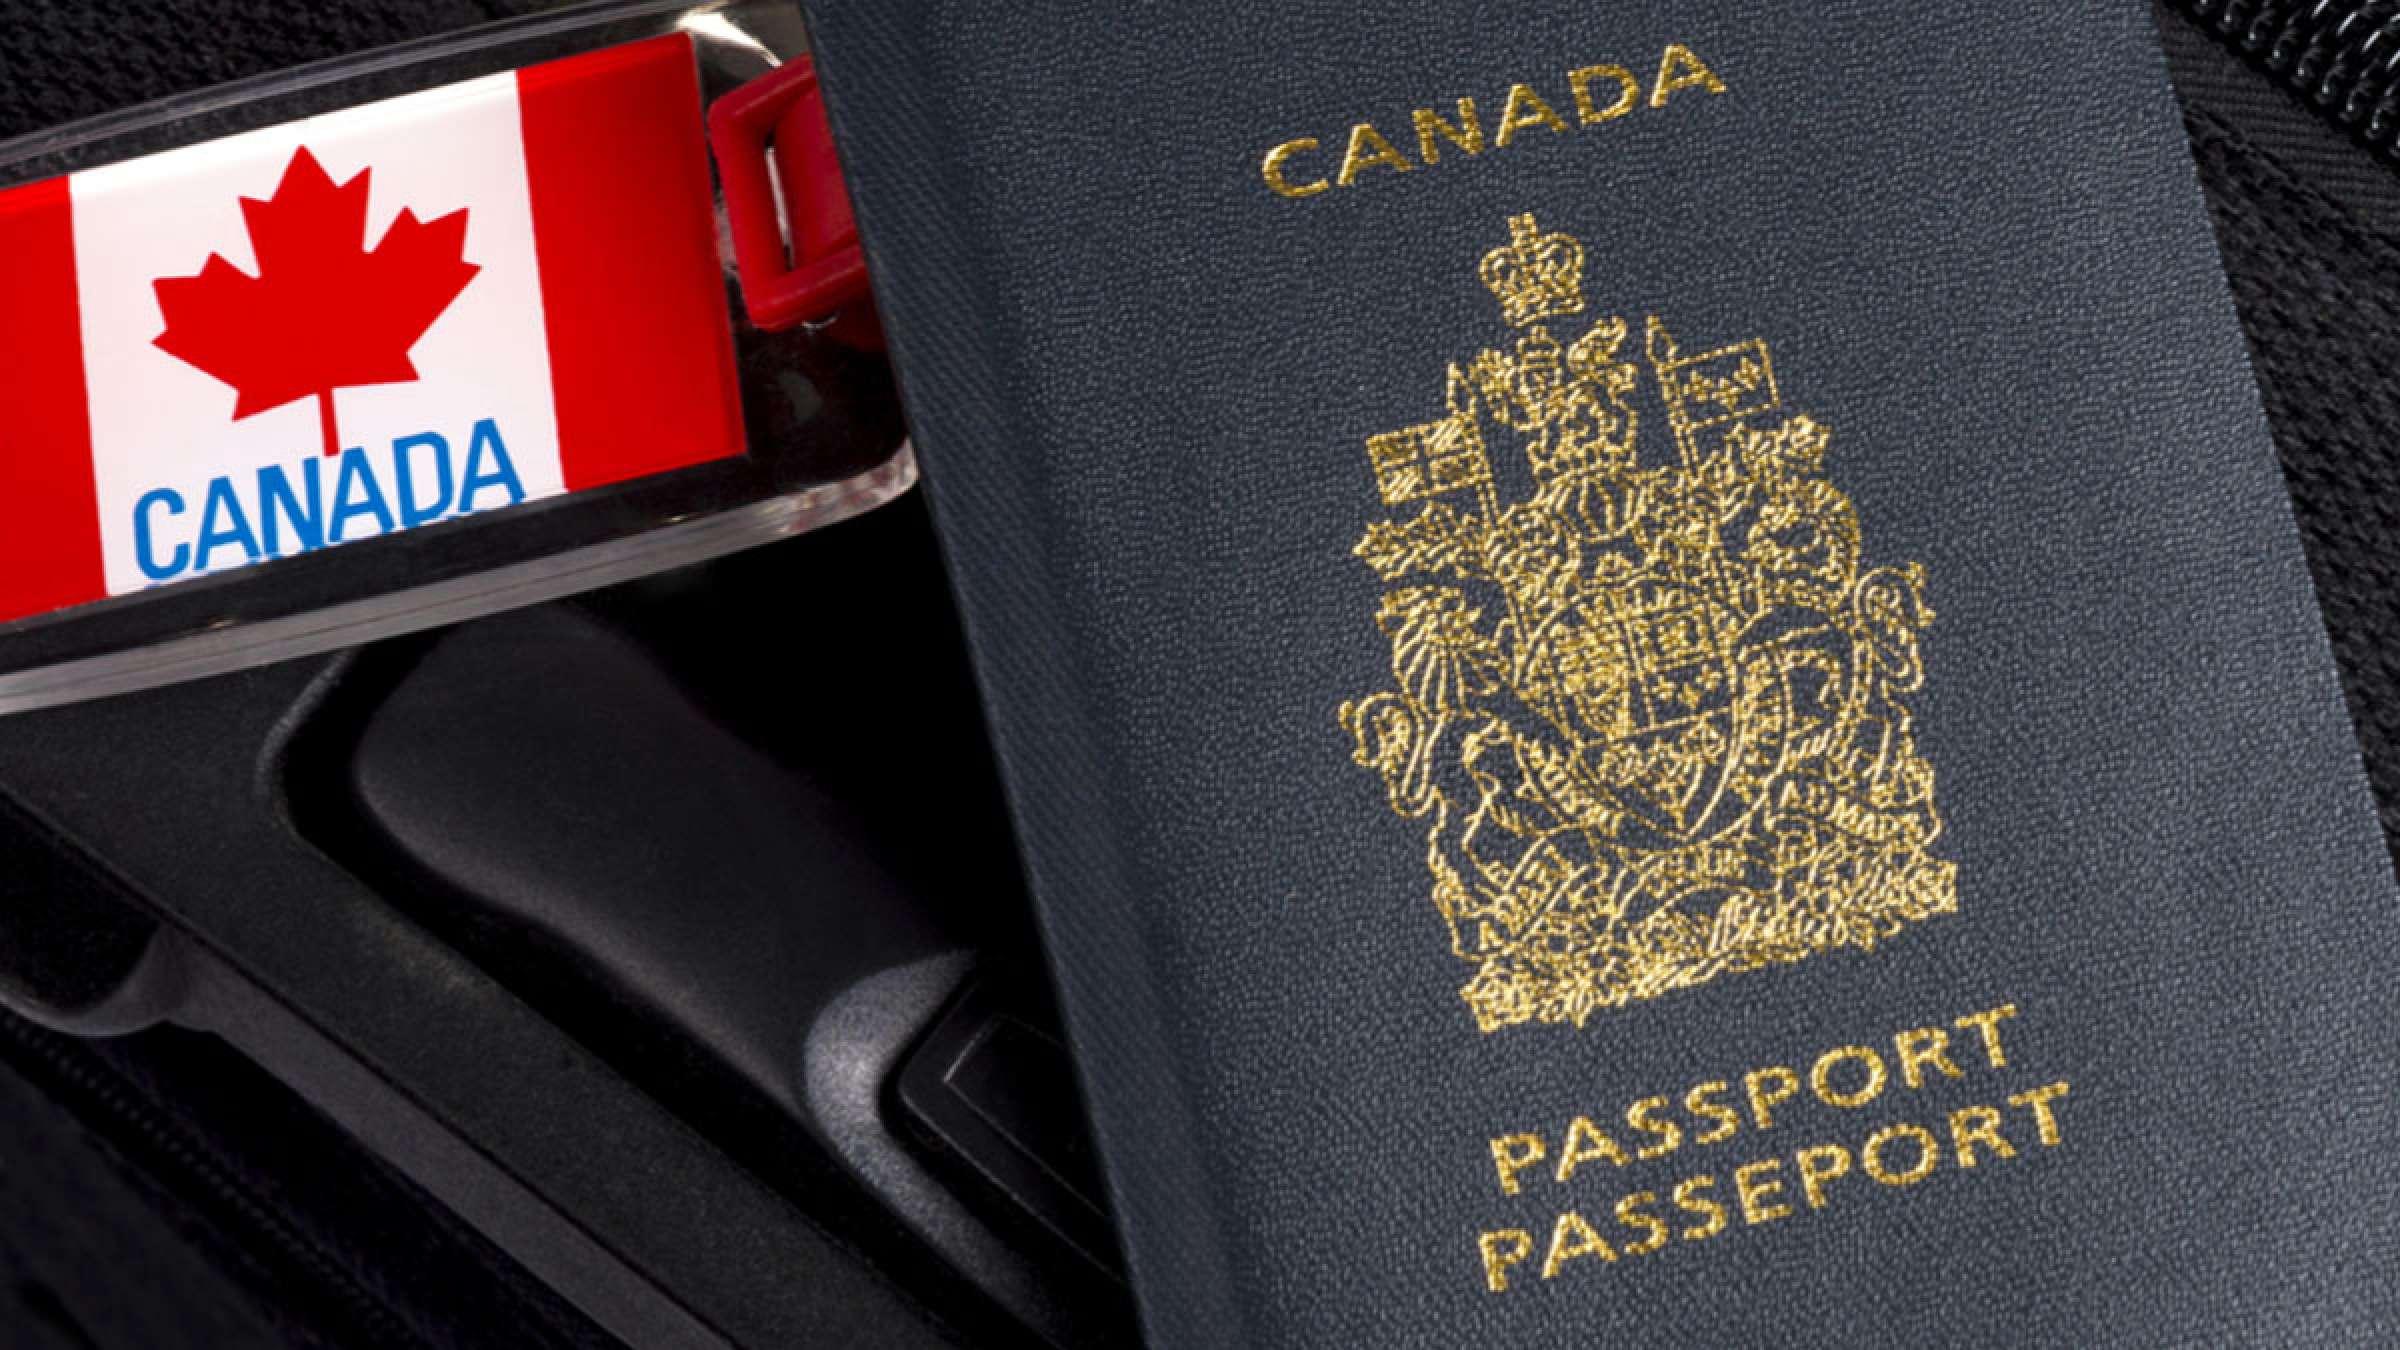 خبر-کانادا-اعلان-تغییرات-جدید-در-مهاجرت-کانادا-برای-جلوگیری-از-کلاهبرداری